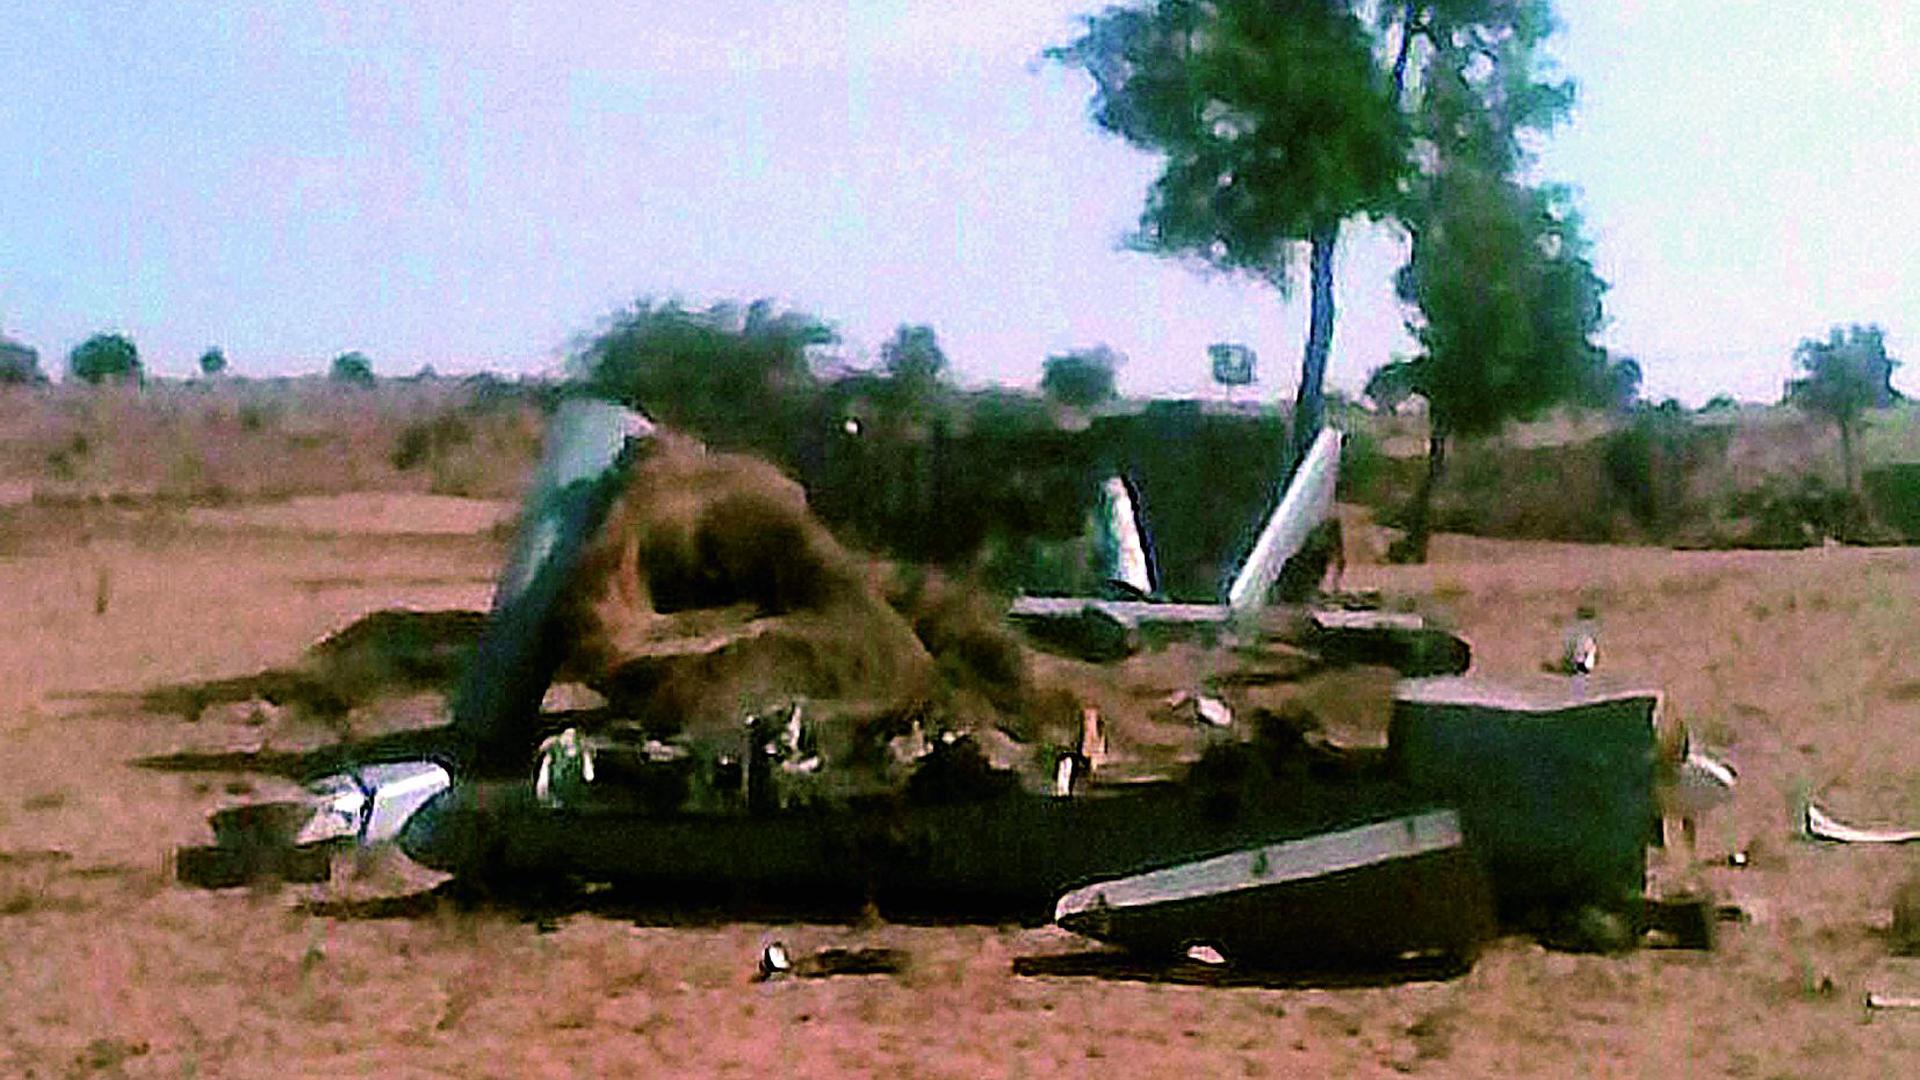 Debris of UAV Heron after it crashed in Barmer on Friday.